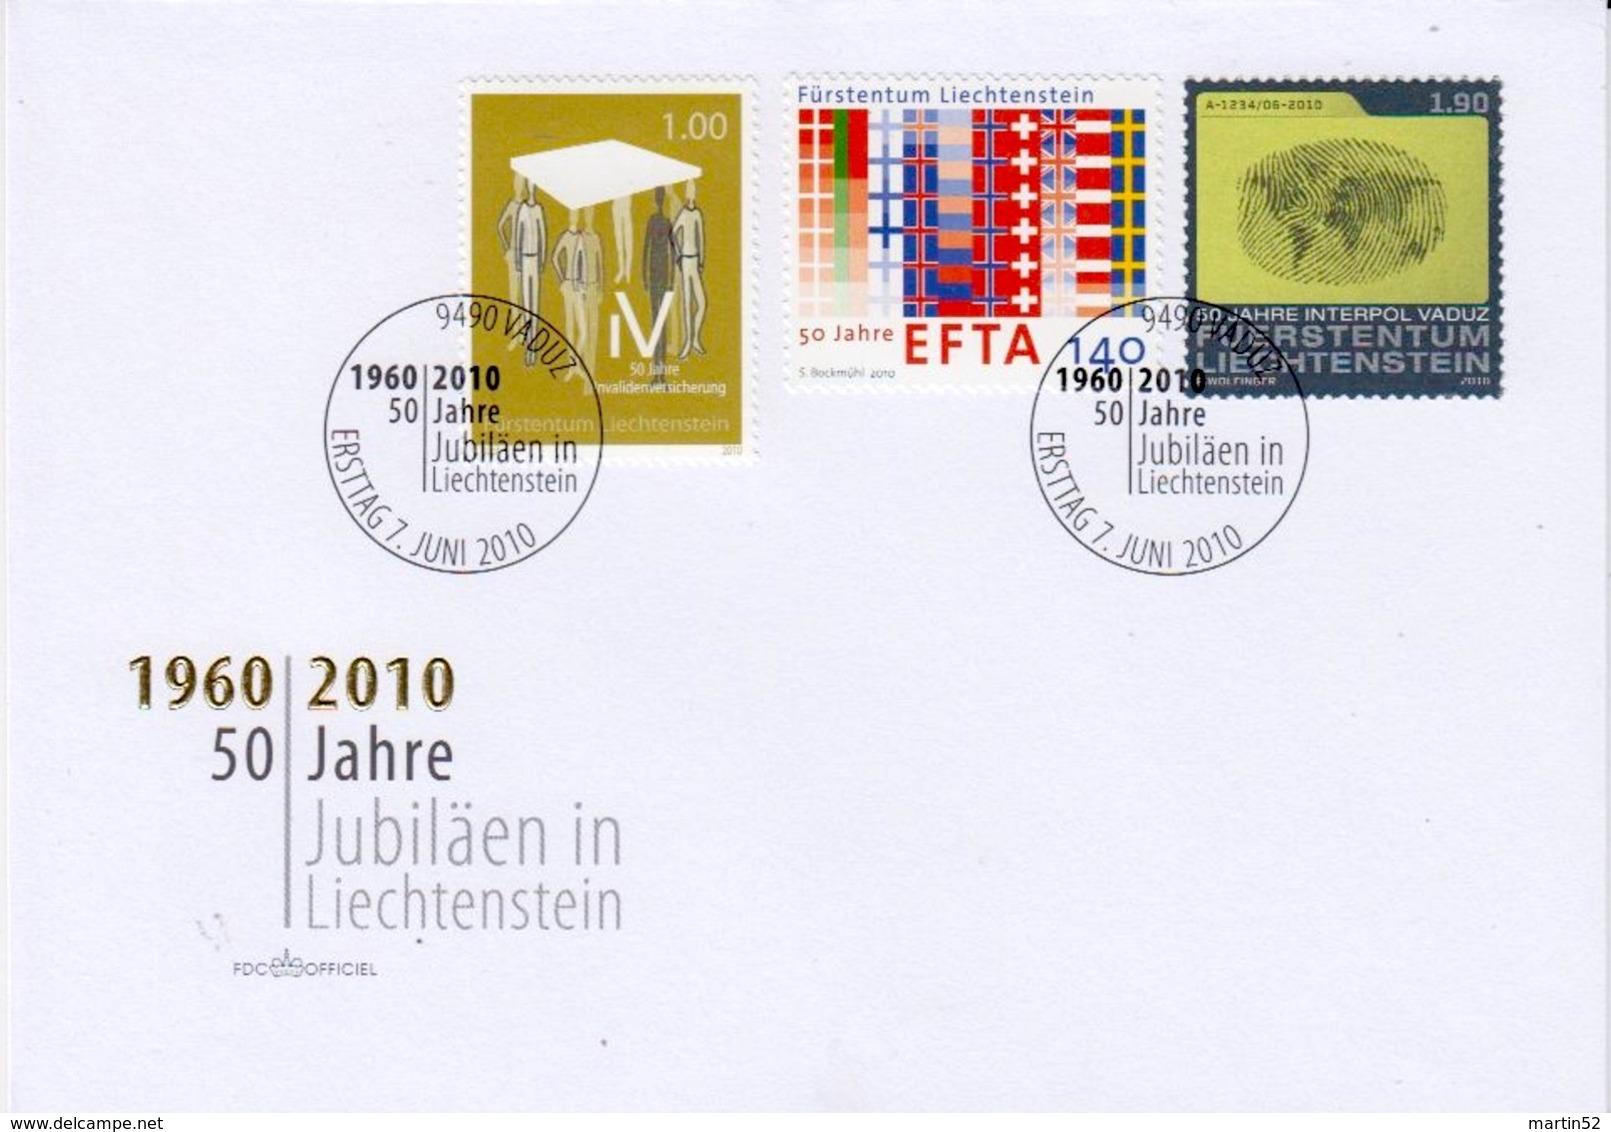 Liechtenstein 2010: 50 Jahre AHV & EFTA & INTERPOL Zu 1502-4 Mi 1558-60 Yv 1499-1501 FDC (Zu CHF 7.00) - Police - Gendarmerie